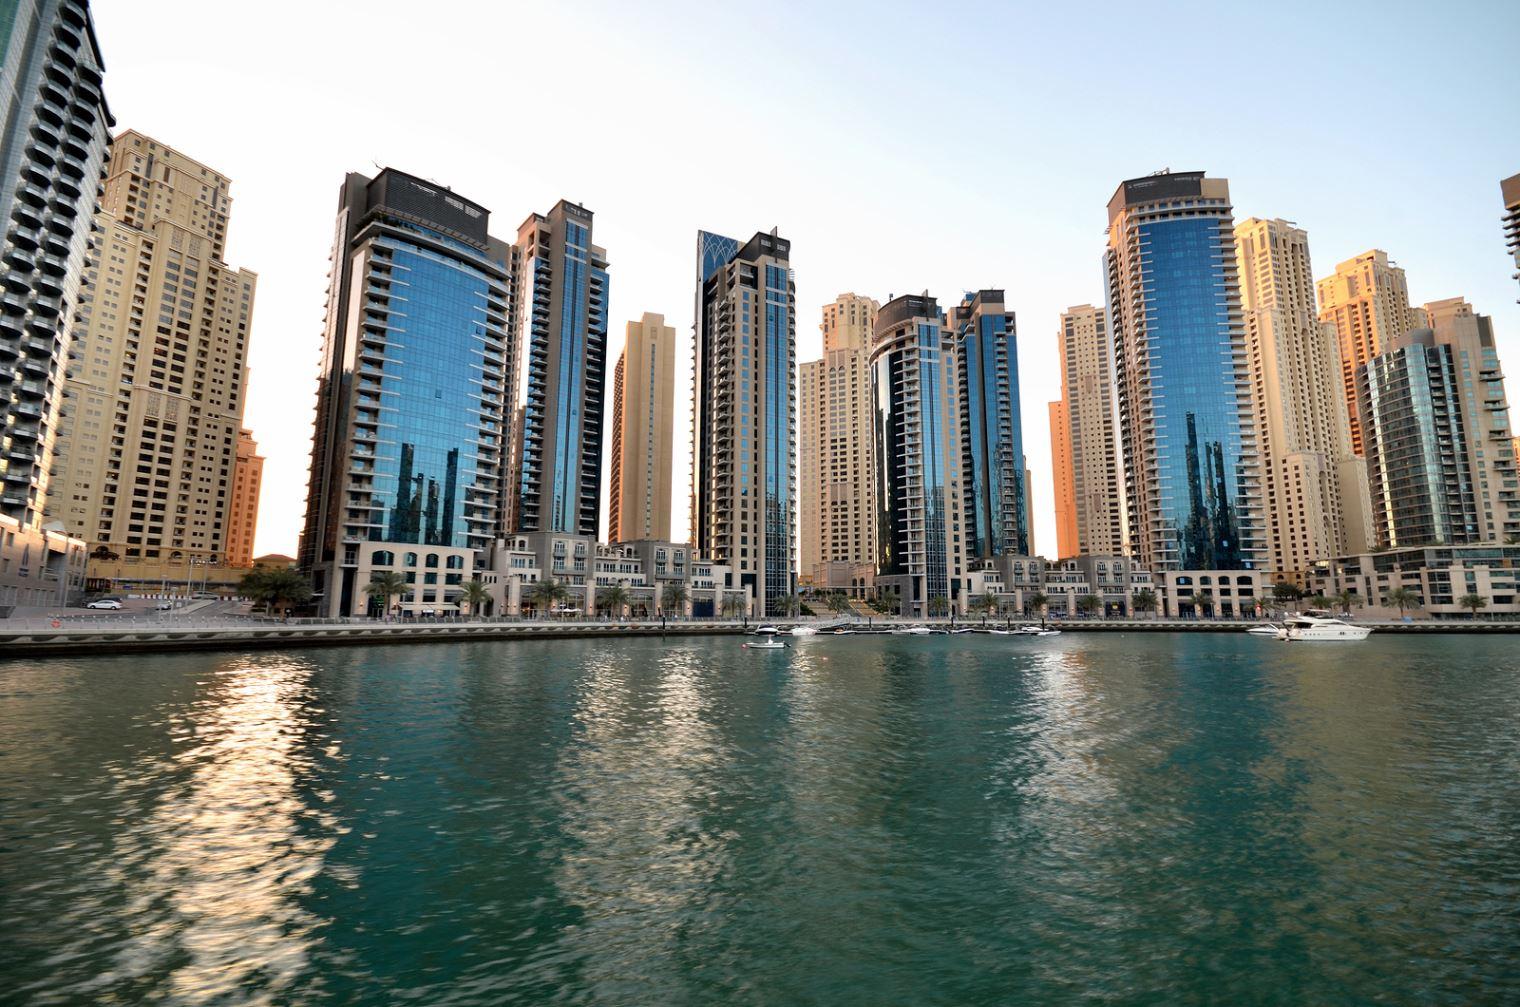 تتوقع دراسة أن تنمو الشركات بنسبة 66٪ في دبي سنويا